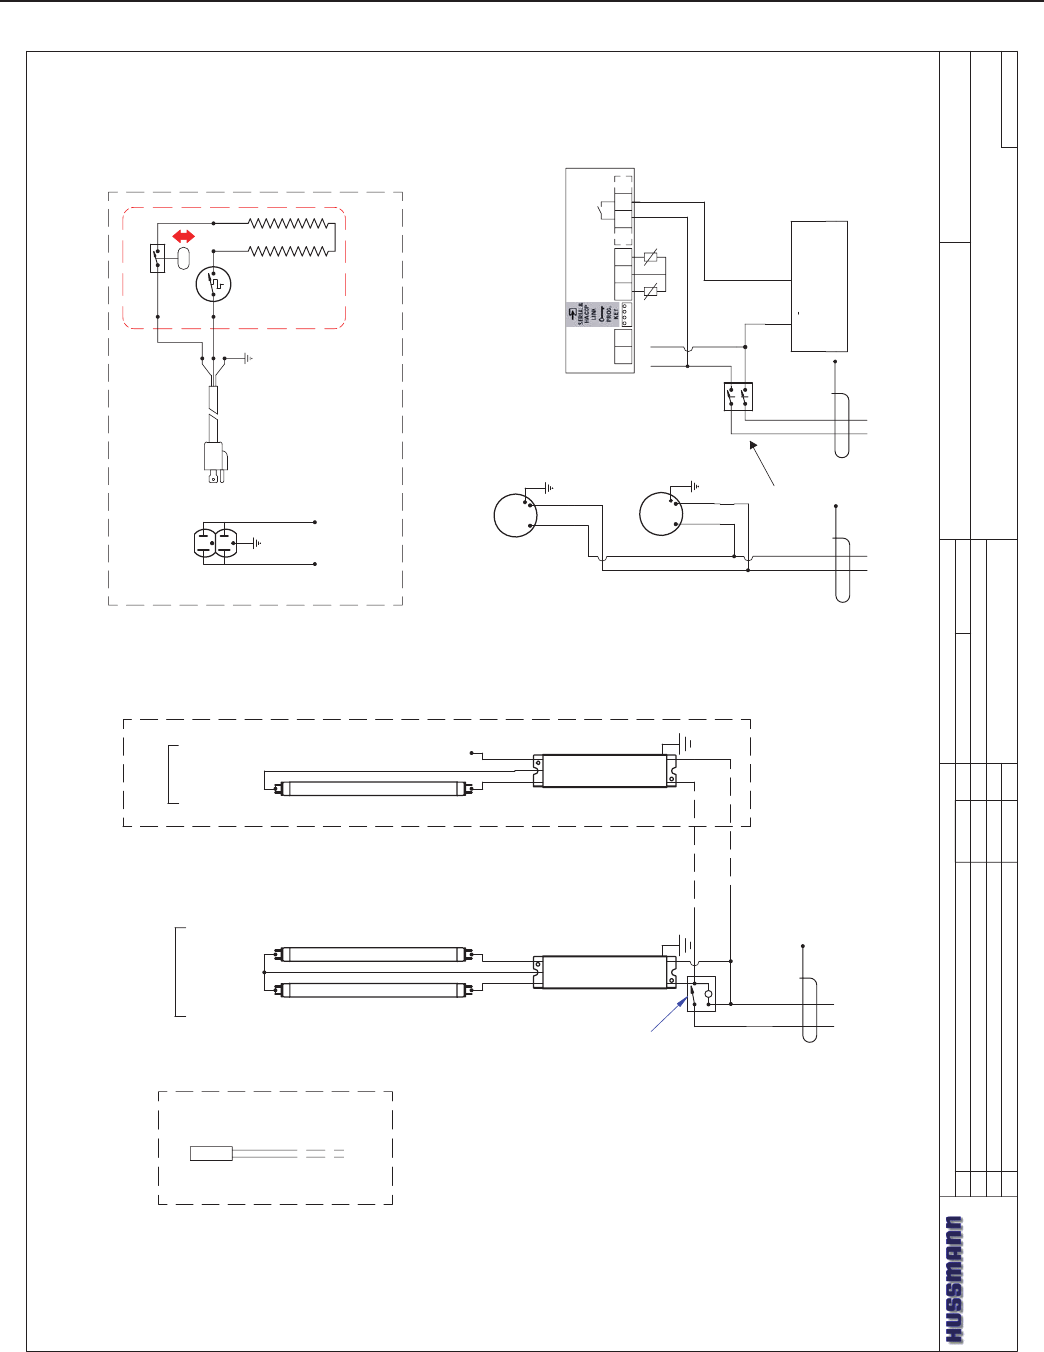 case dc wiring diagram diagram data schemahussman wiring diagram online wiring diagram case dc wiring diagram